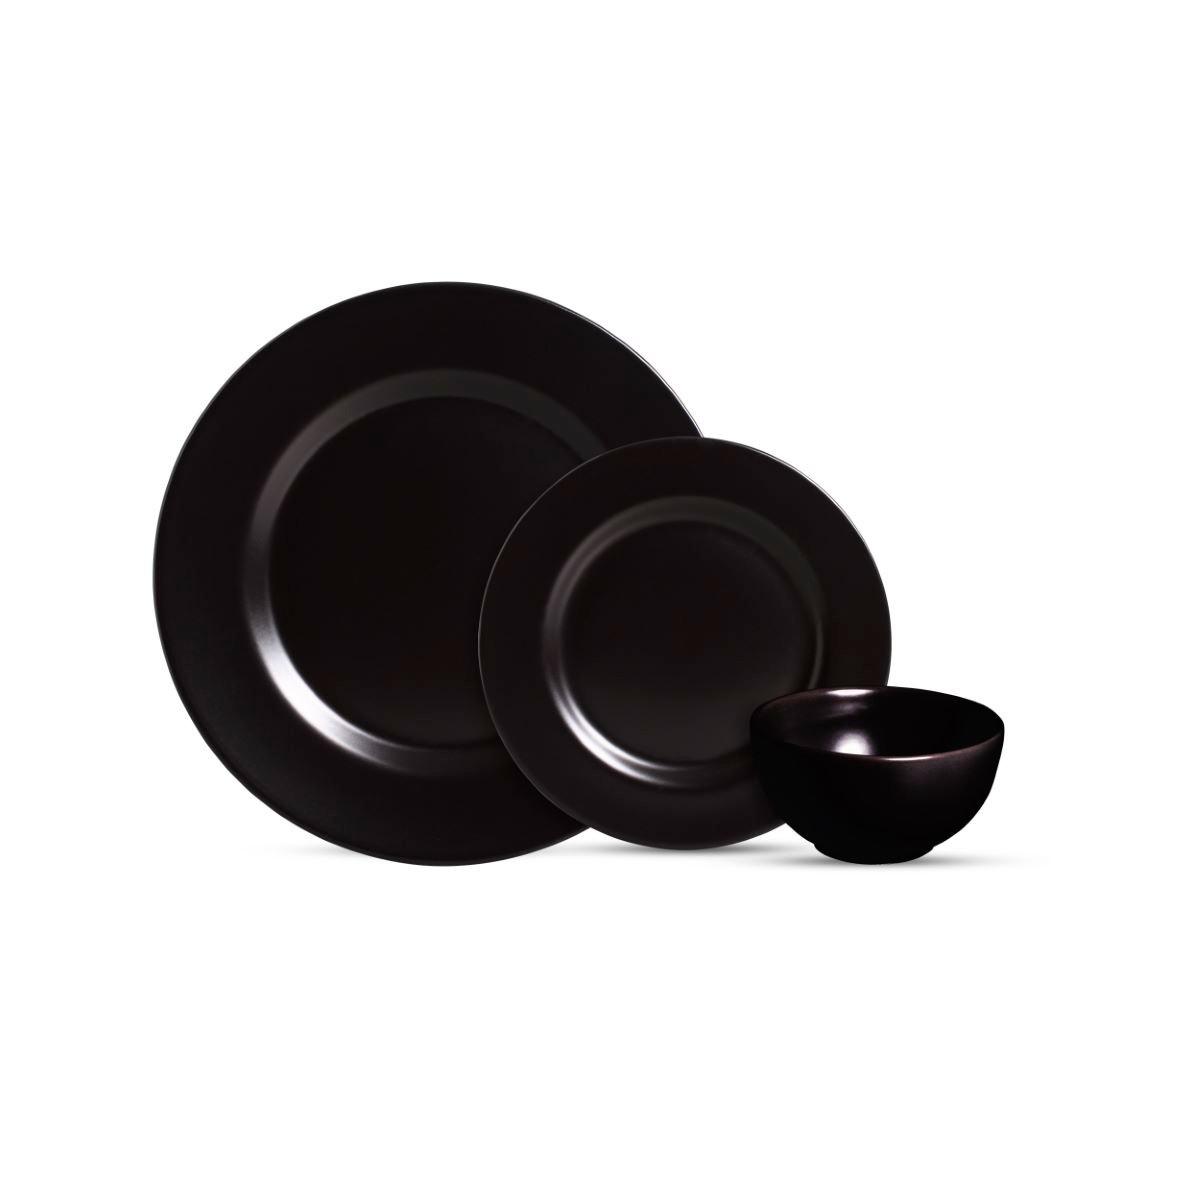 Aparelho De Jantar Cerâmica Preto Acetinado 12 Pç